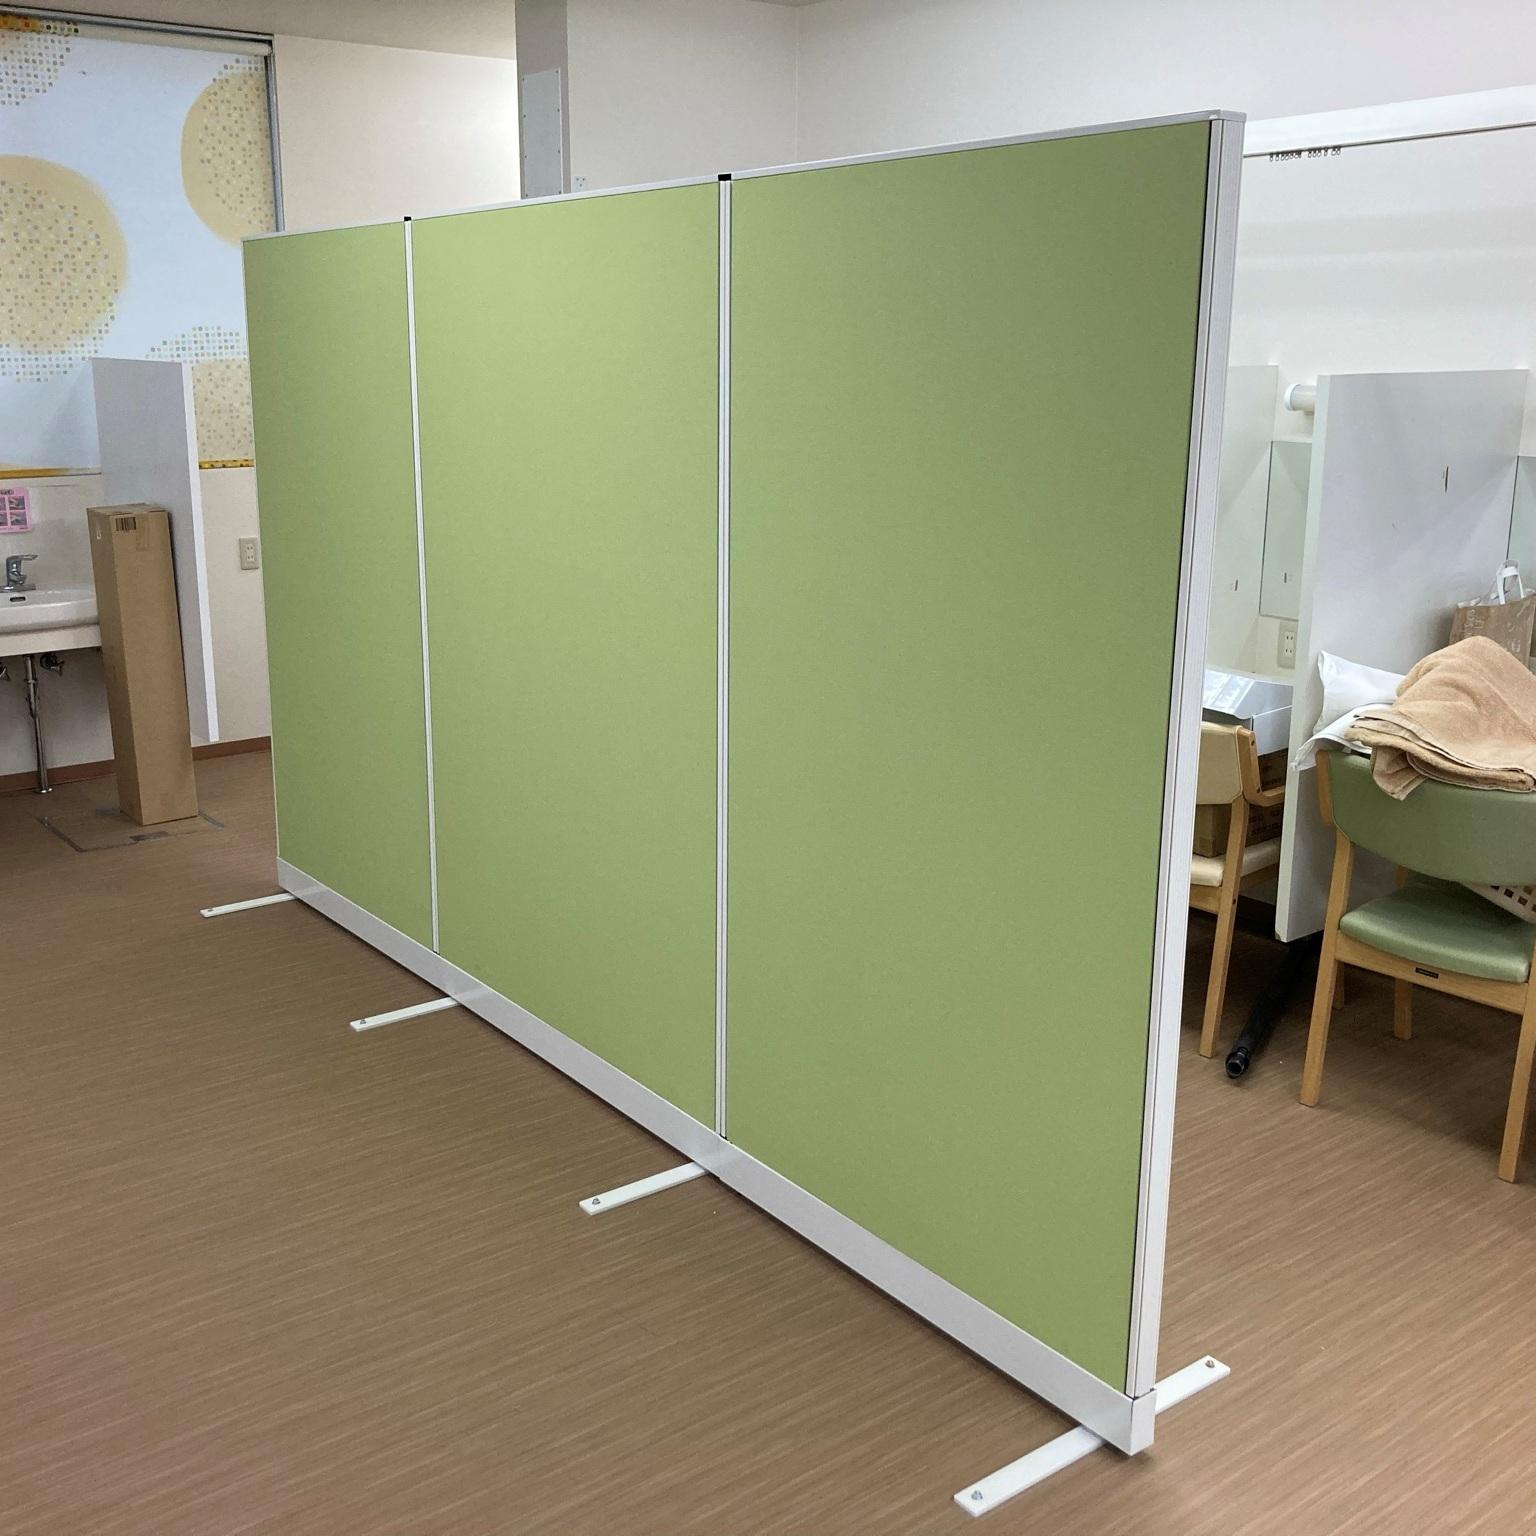 徳島・香川のオフィス内装工事|自立式パーテーション(衝立)設置工事(香川・高松)